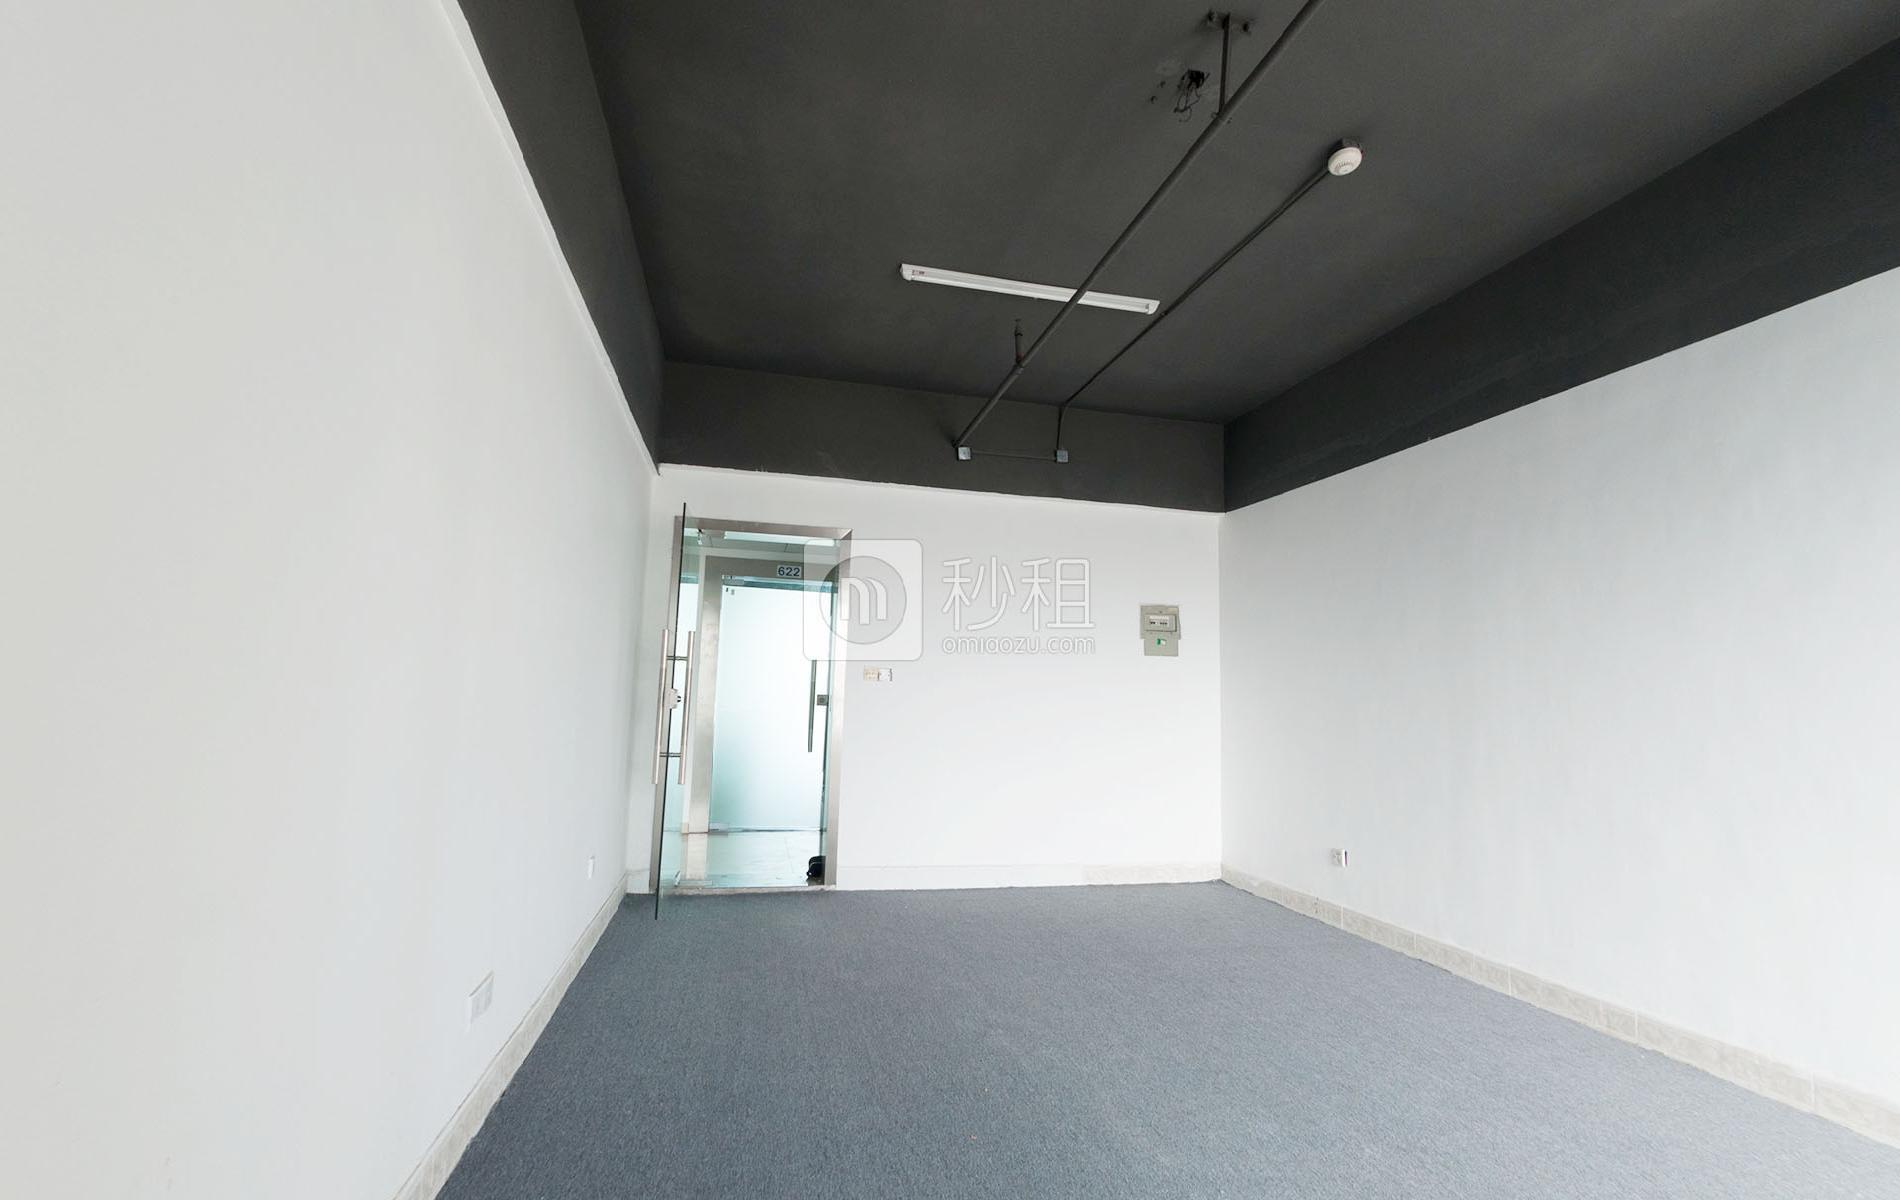 鹏翔大厦写字楼出租50平米简装办公室38元/m².月